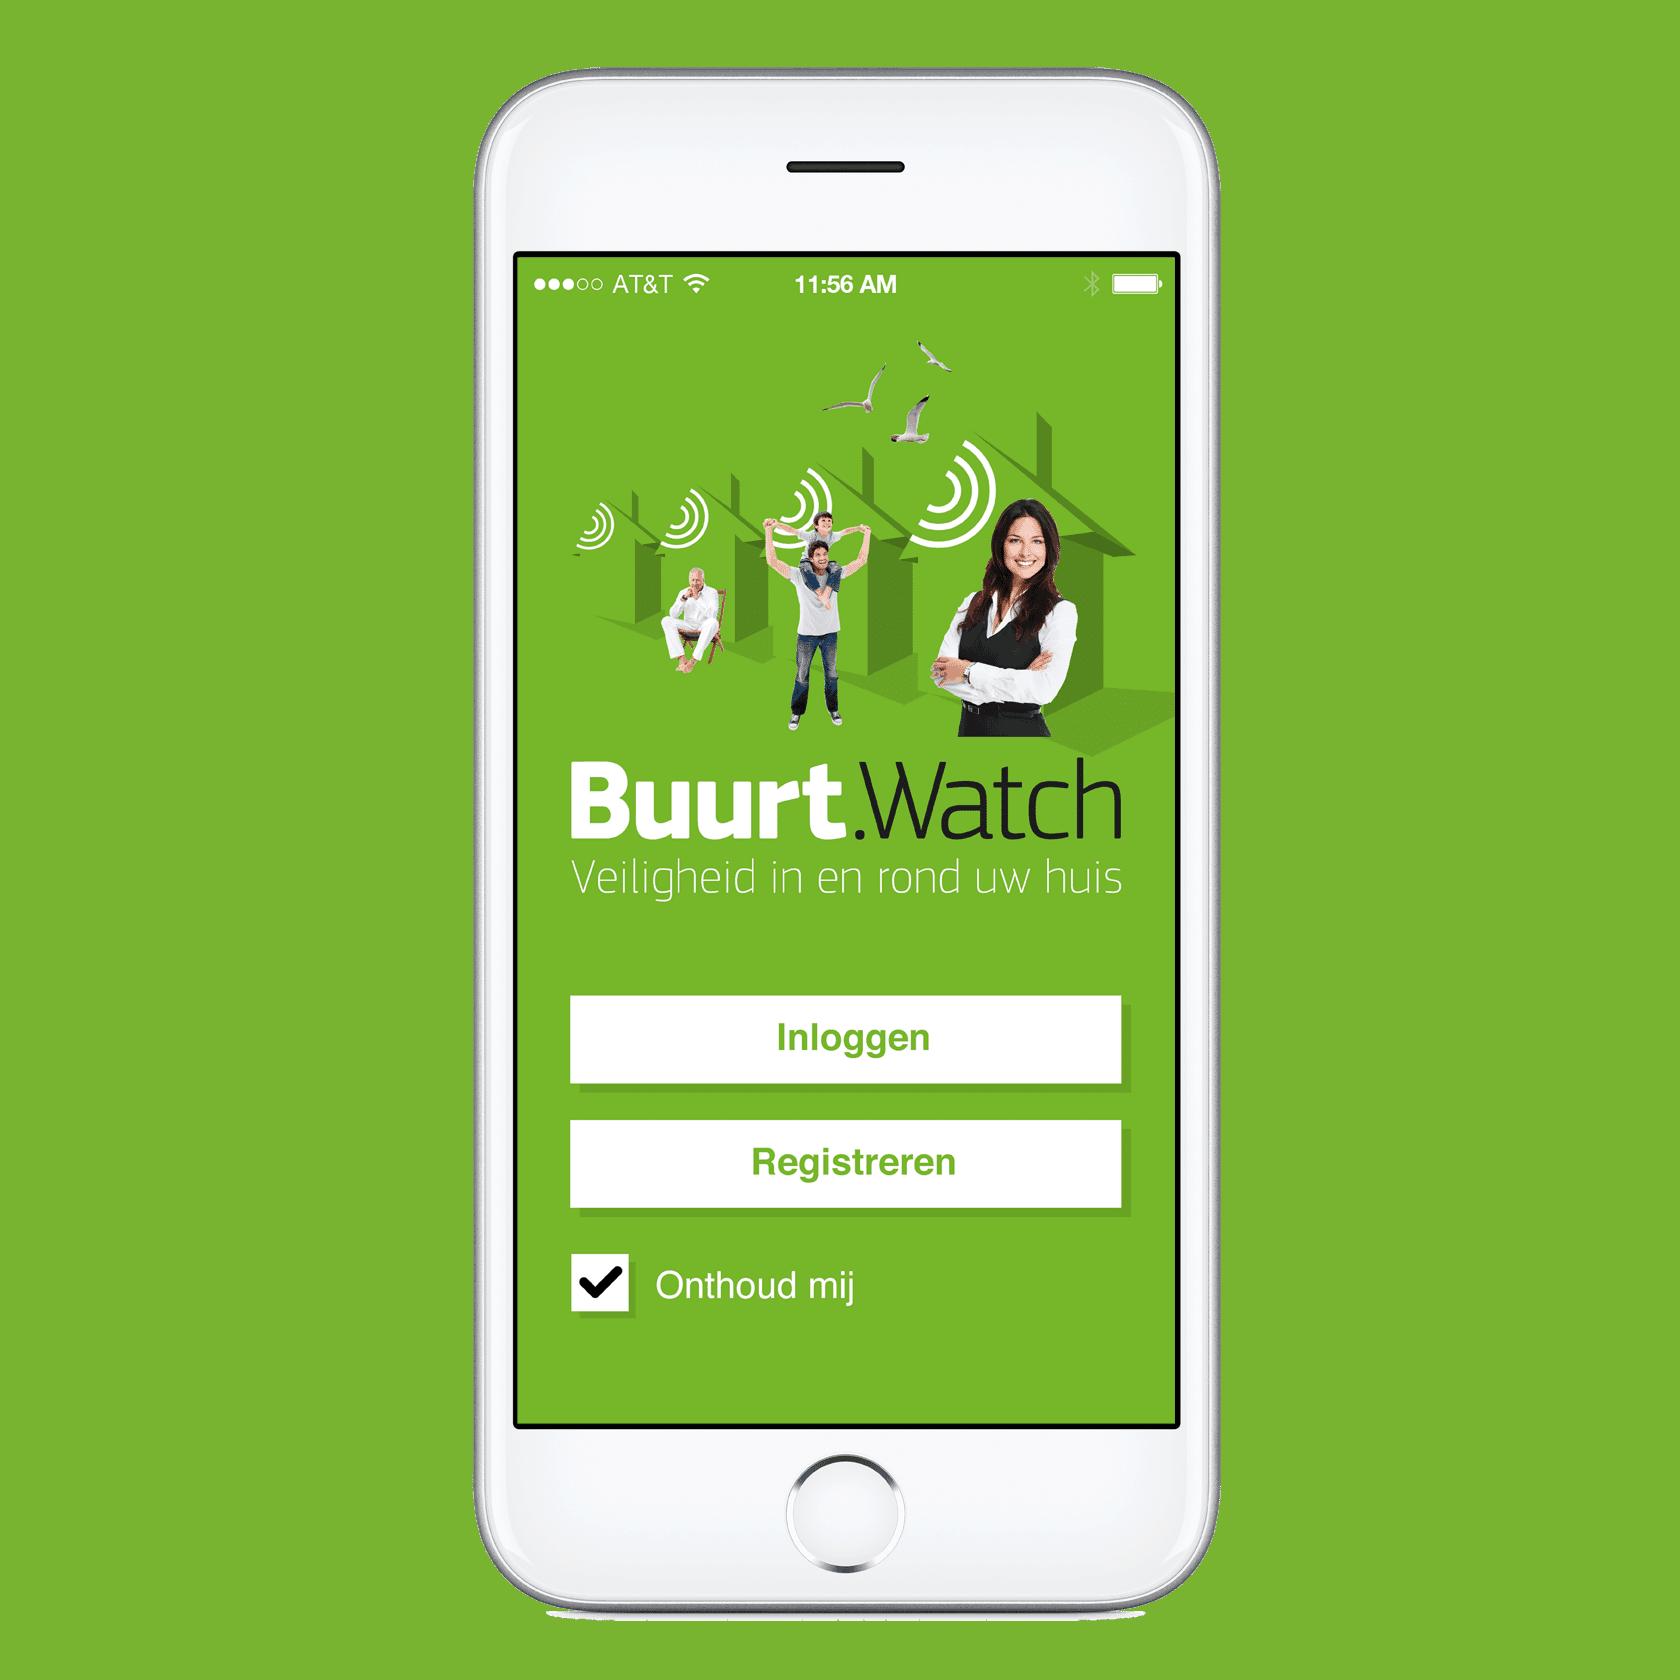 Buurtwatch-telefoon-beveiligdnederland